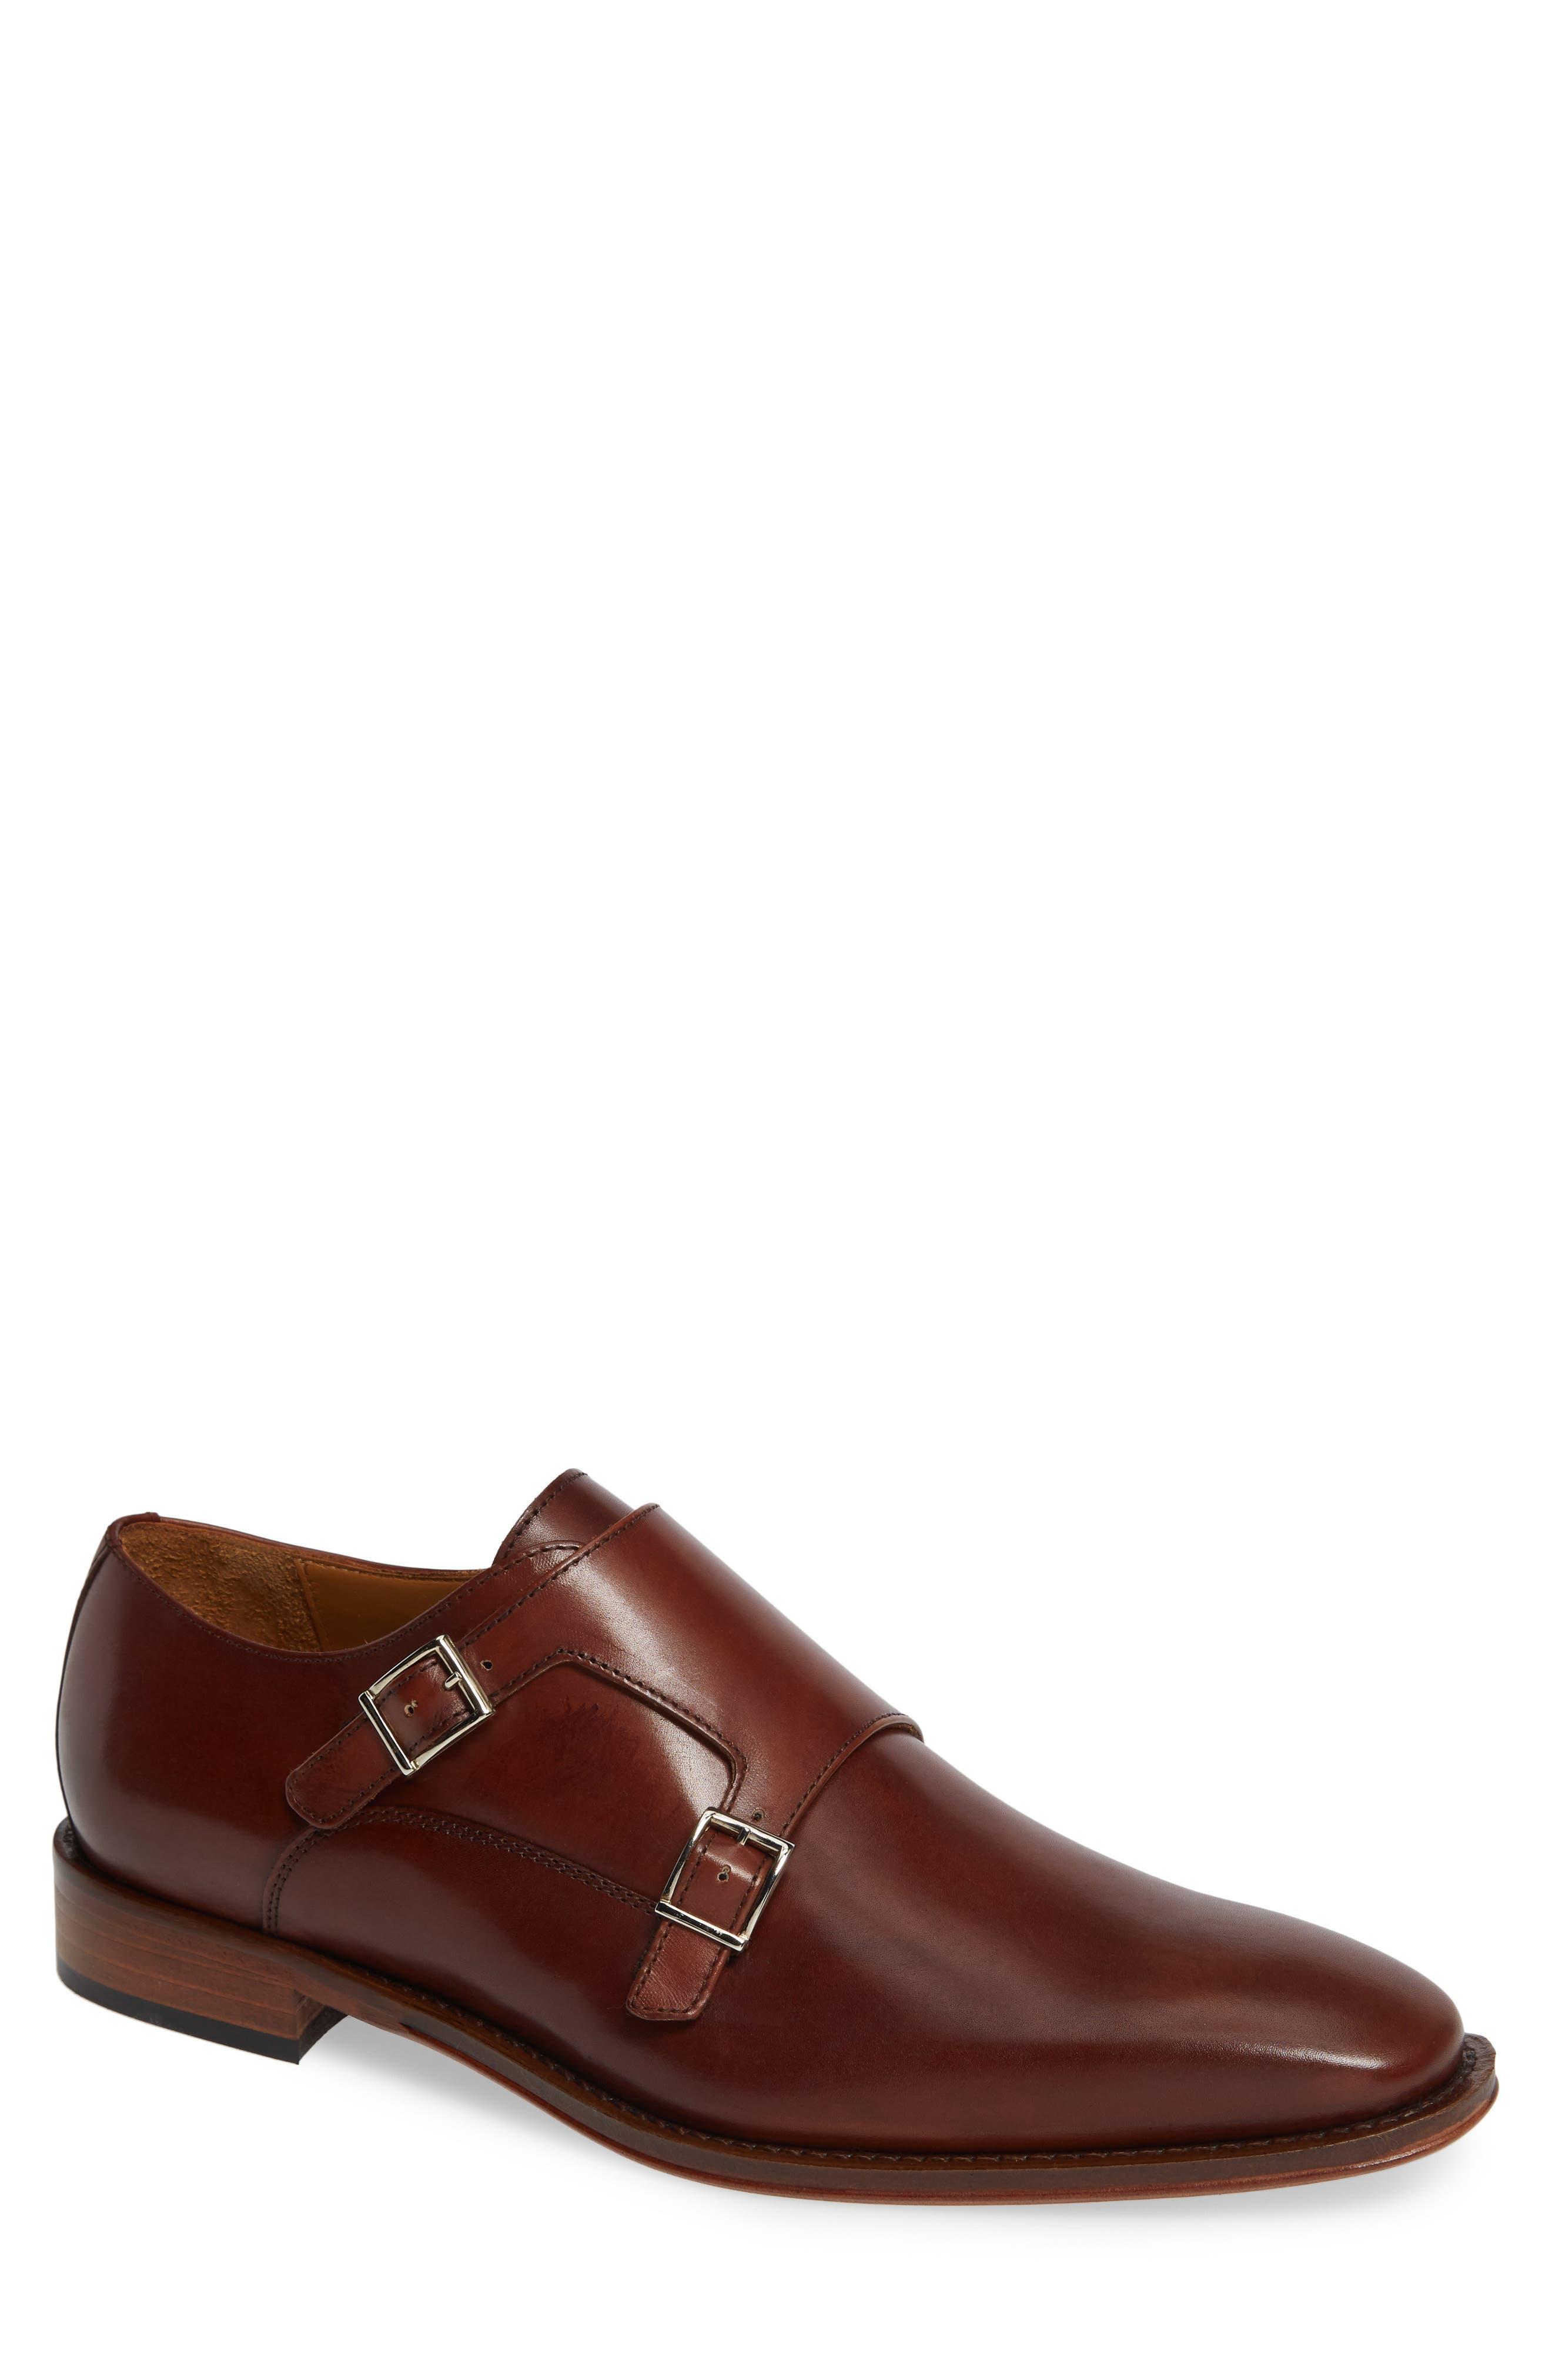 Trento Double Monk Strap Shoe,                         Main,                         color, 236